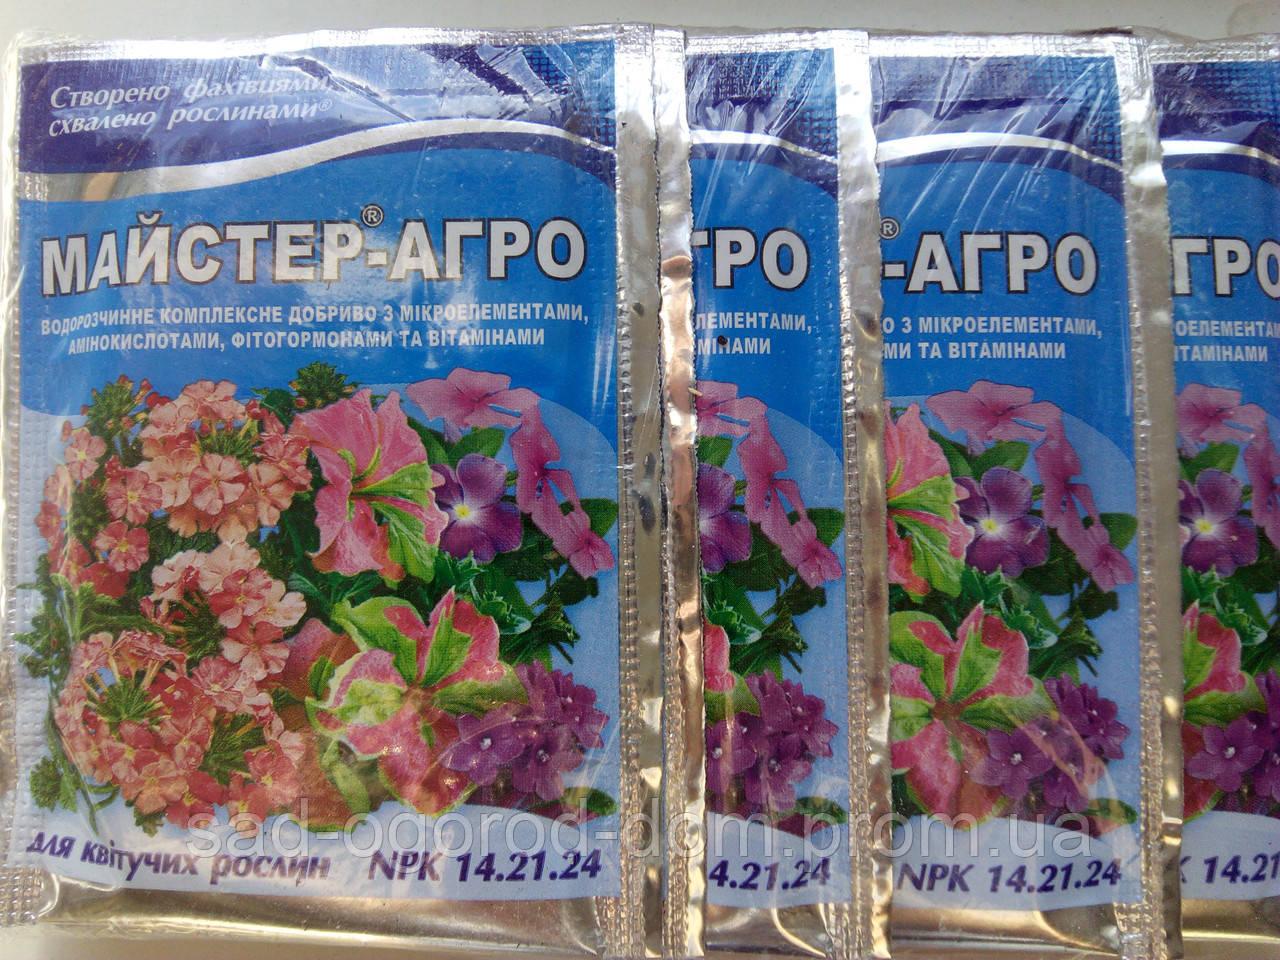 Мастер для цветущих растений